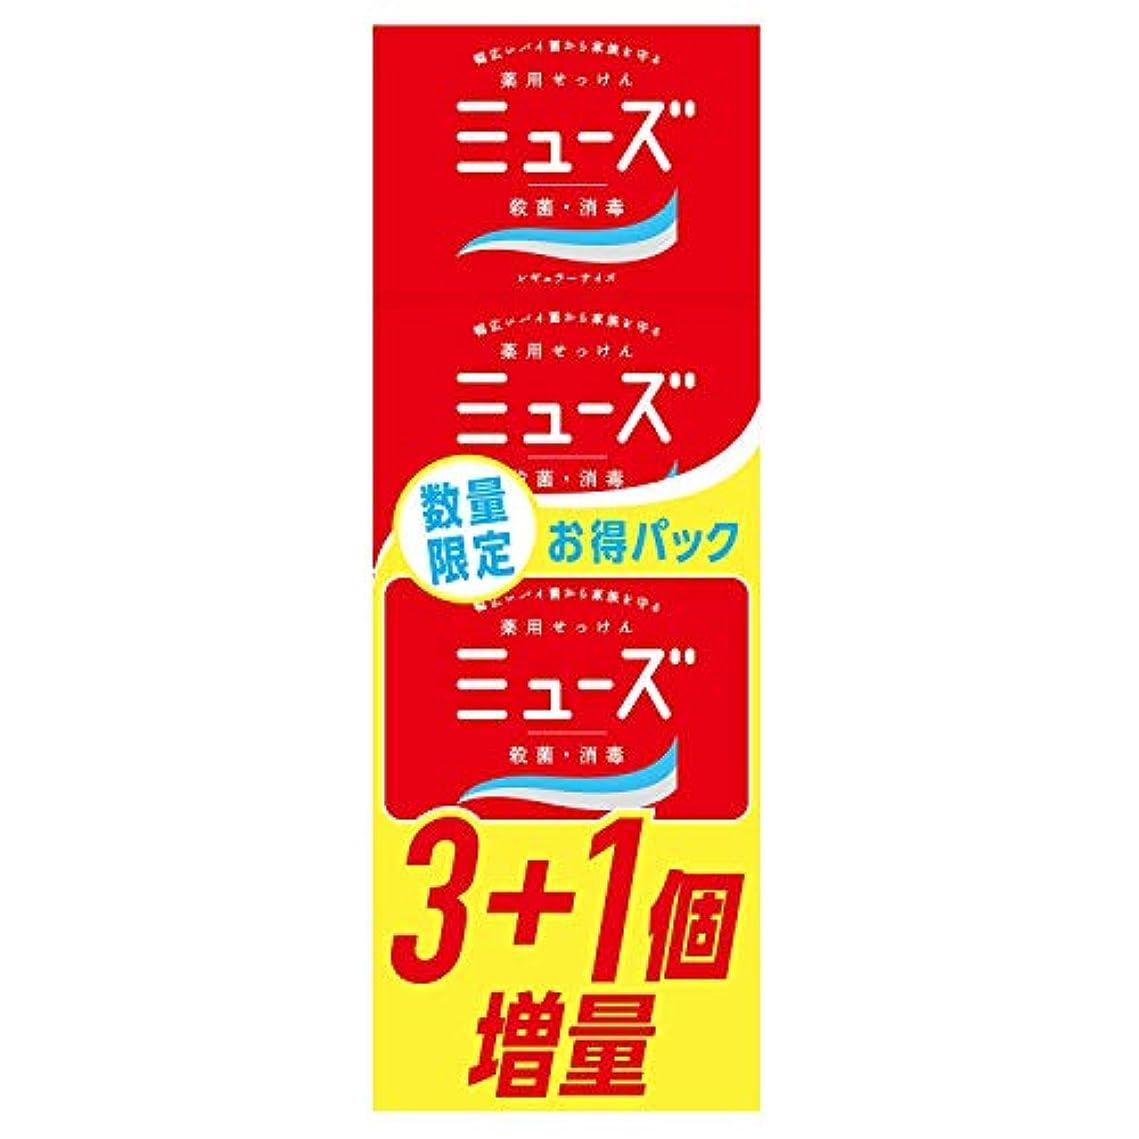 半円元気炭水化物【医薬部外品】ミューズ石鹸レギュラー 3+1限定品